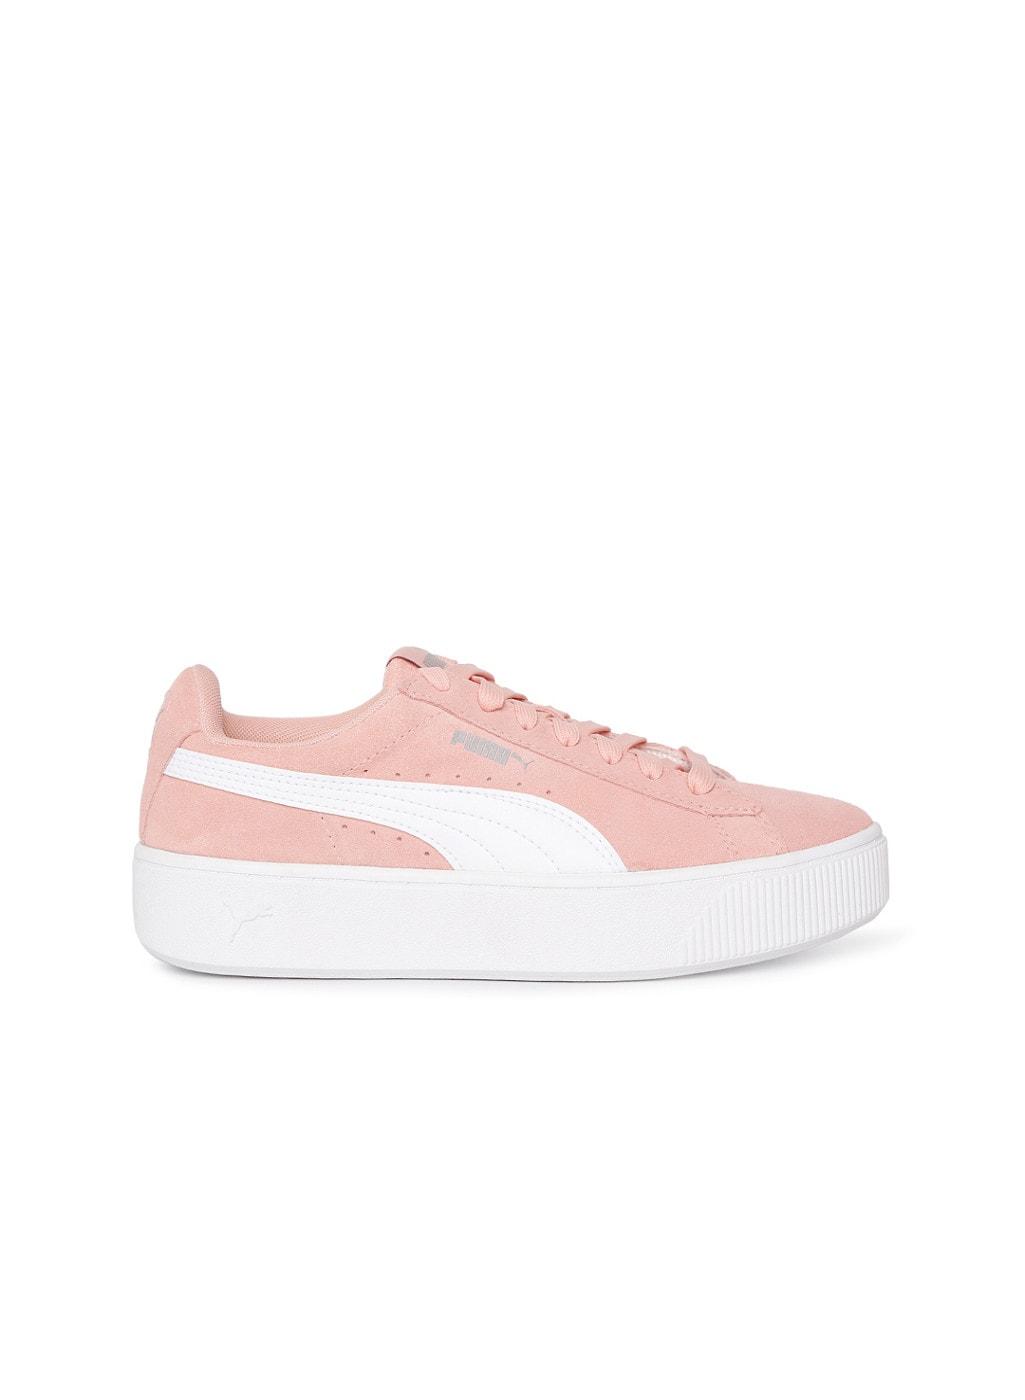 40da11f27d Peach Shoes Puma - Buy Peach Shoes Puma online in India - Jabong